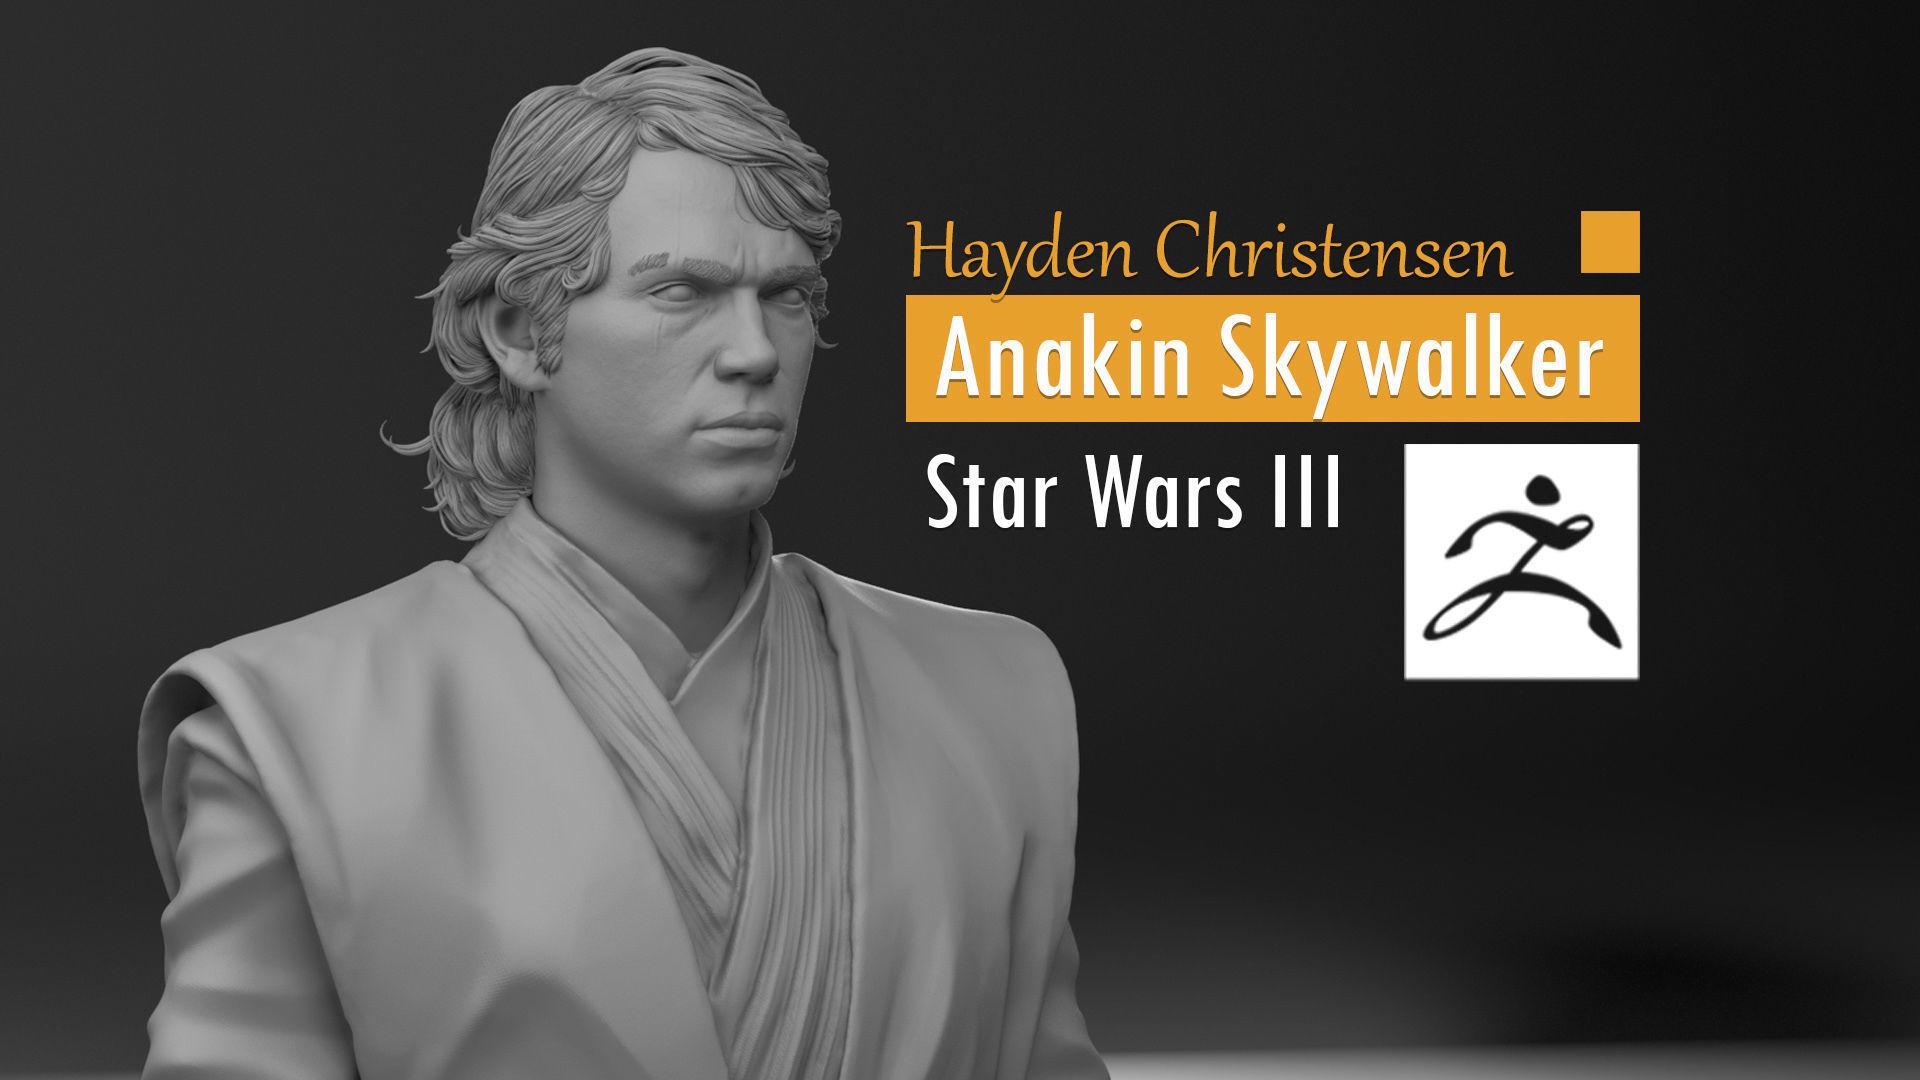 Hayden Christensen - Anakin Skywalker - Star Wars Episode III